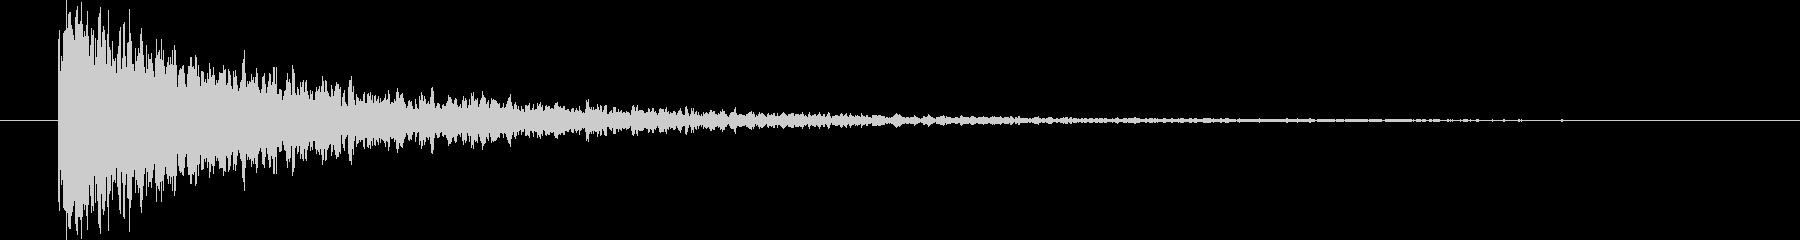 【スコーン】残響の効いたスネア 1の未再生の波形